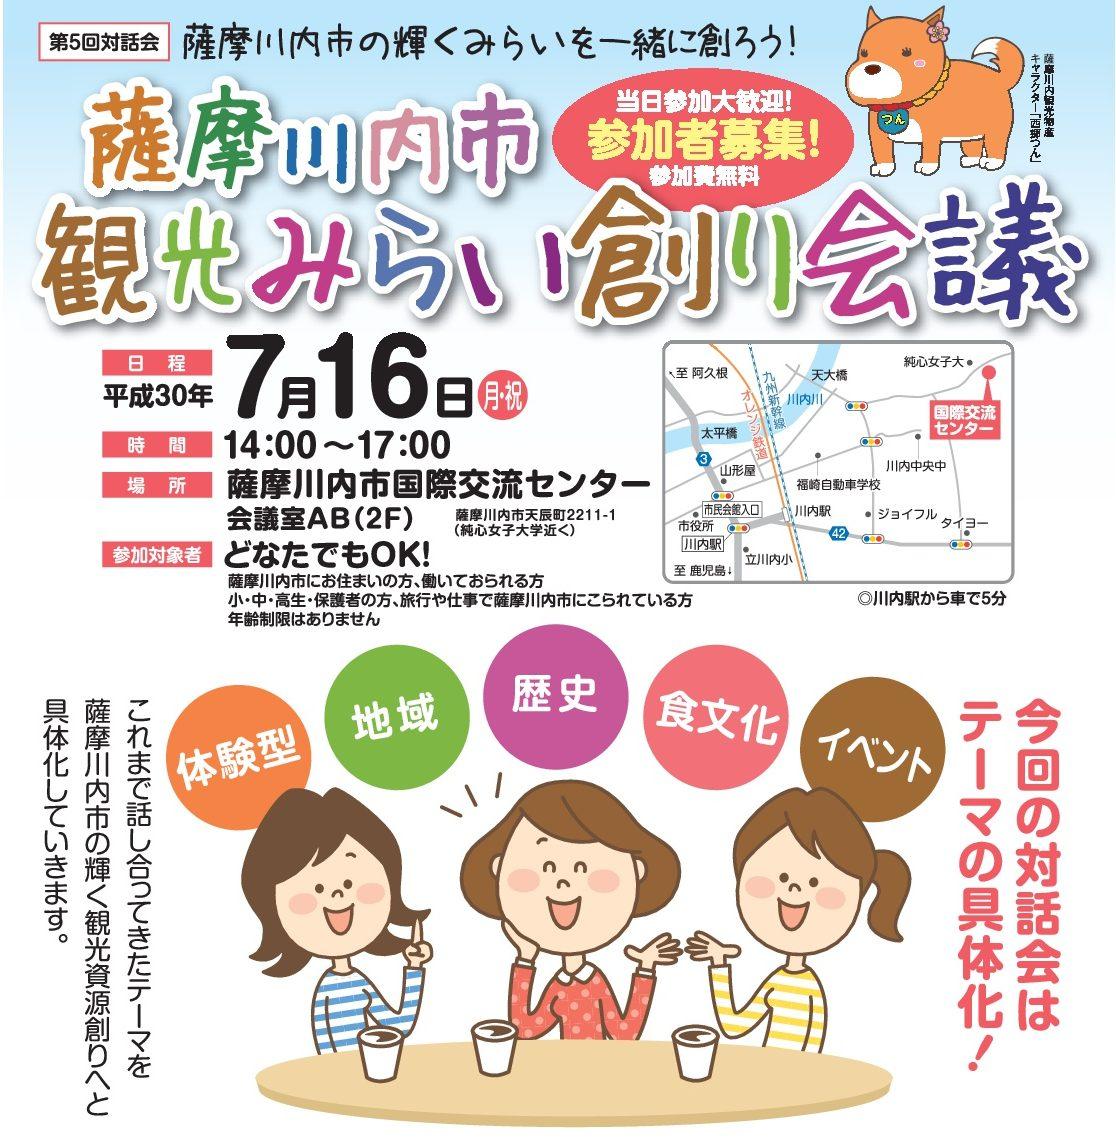 薩摩川内市観光みらい創り会議が開催されます